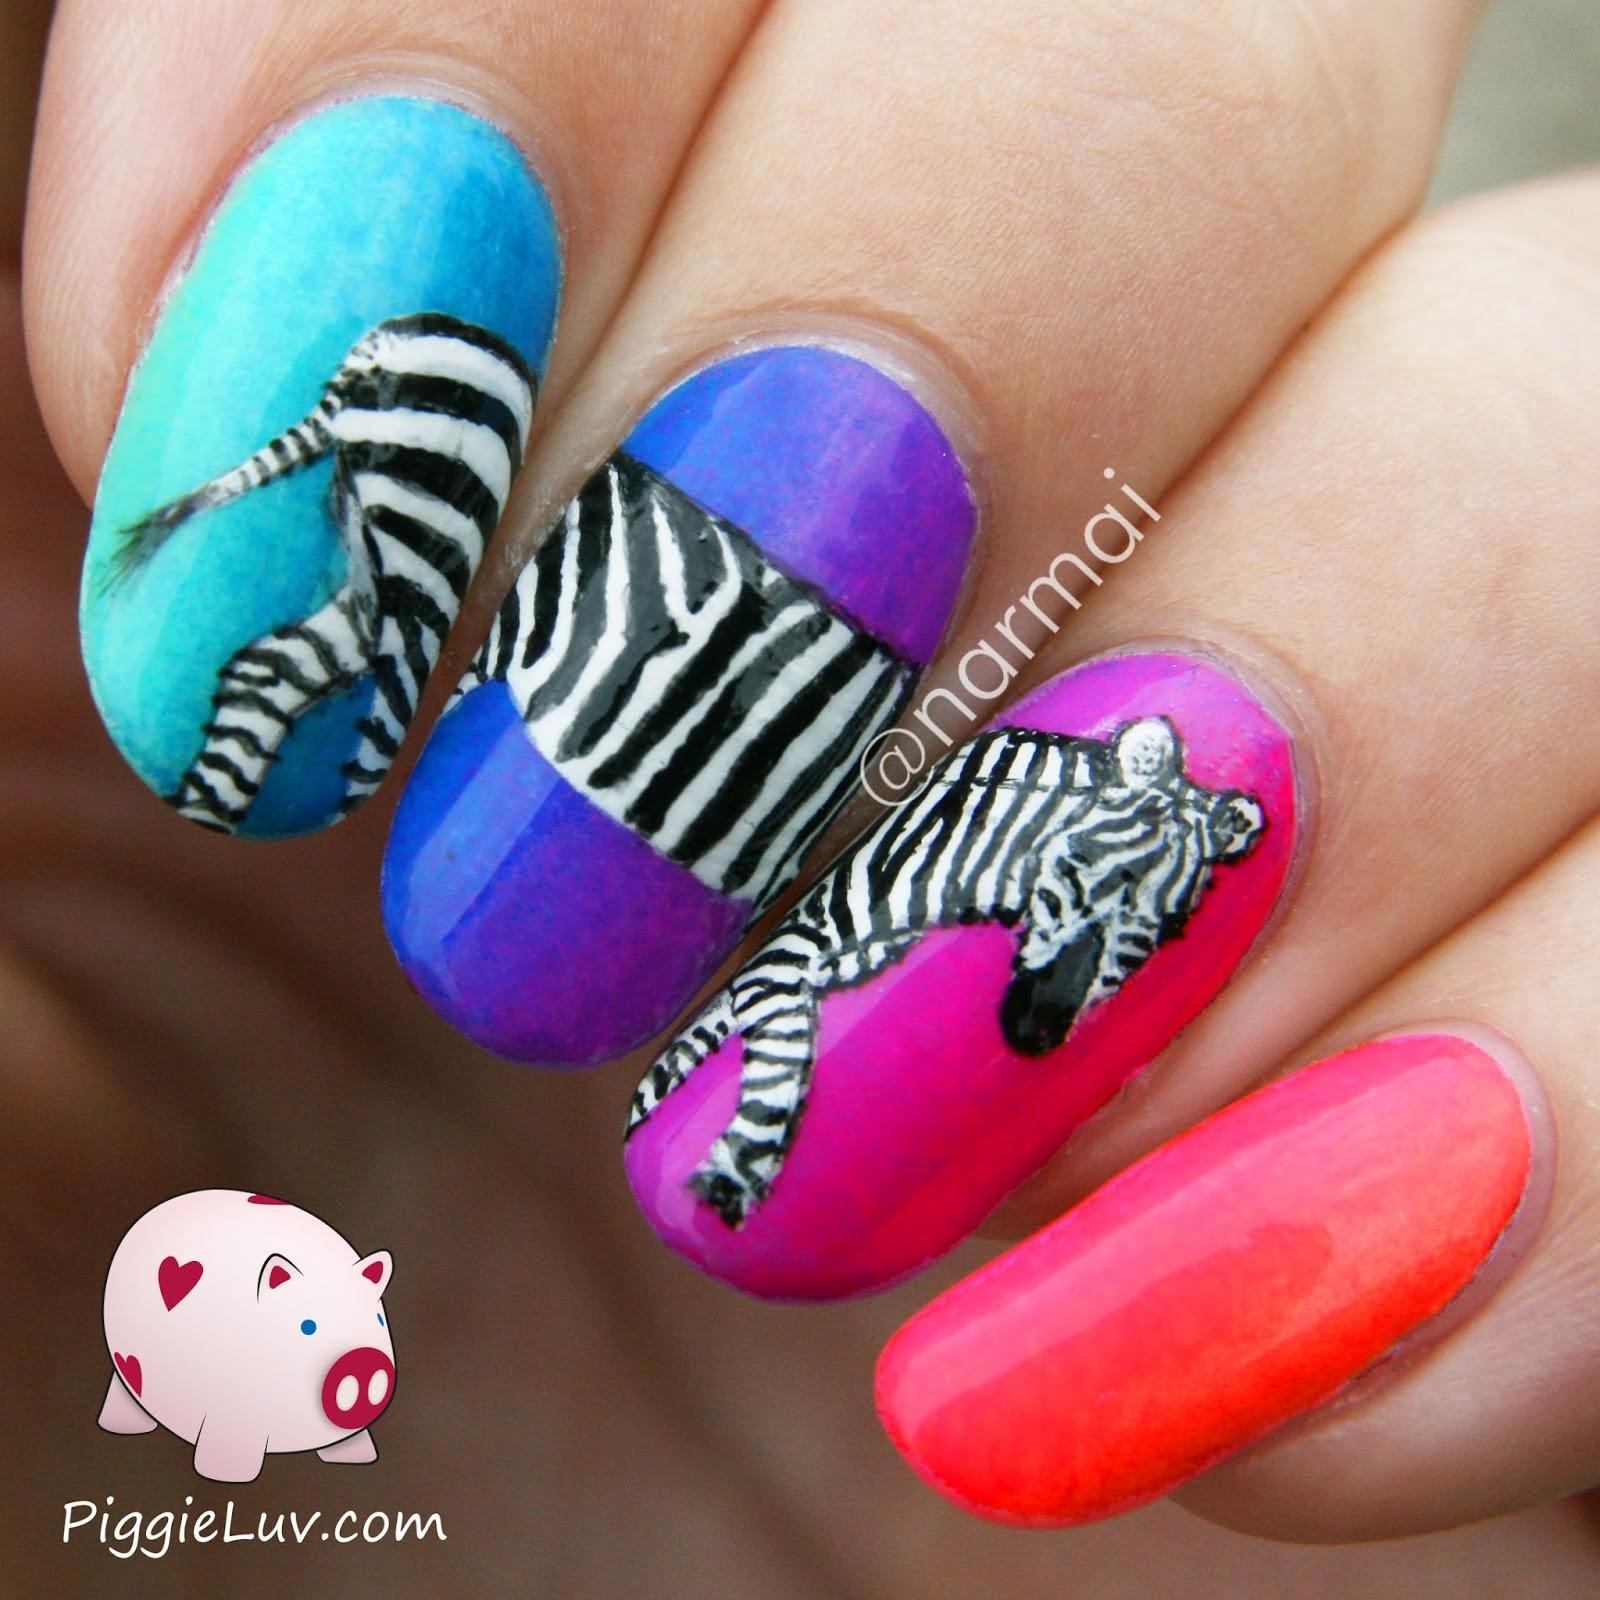 PiggieLuv: Zebra nail art on neon gradient